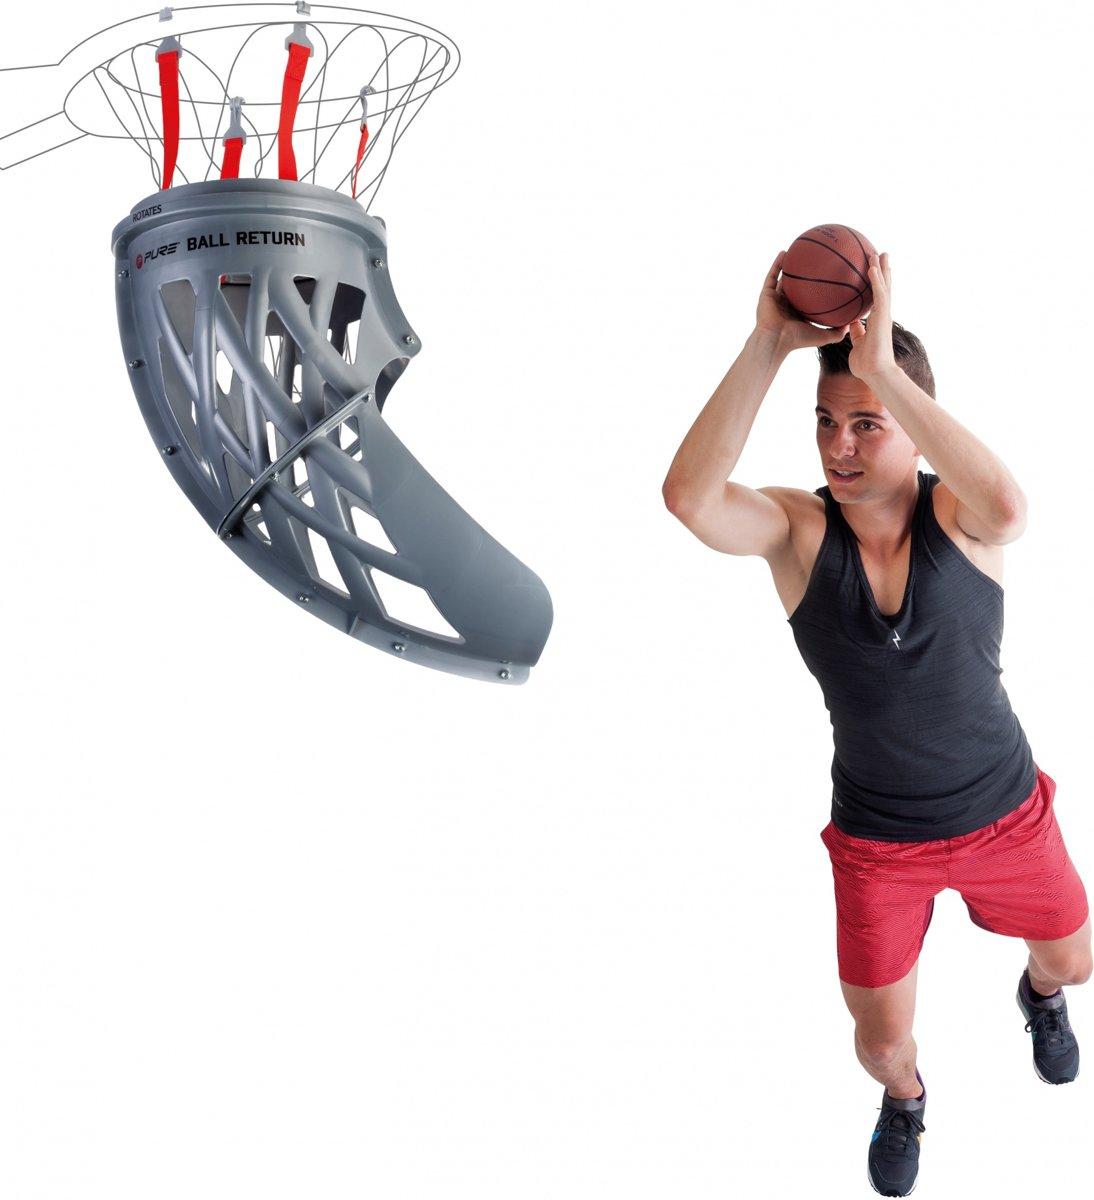 bol com pure2improve basketball returnerPure2improve Basketbal Returner #3